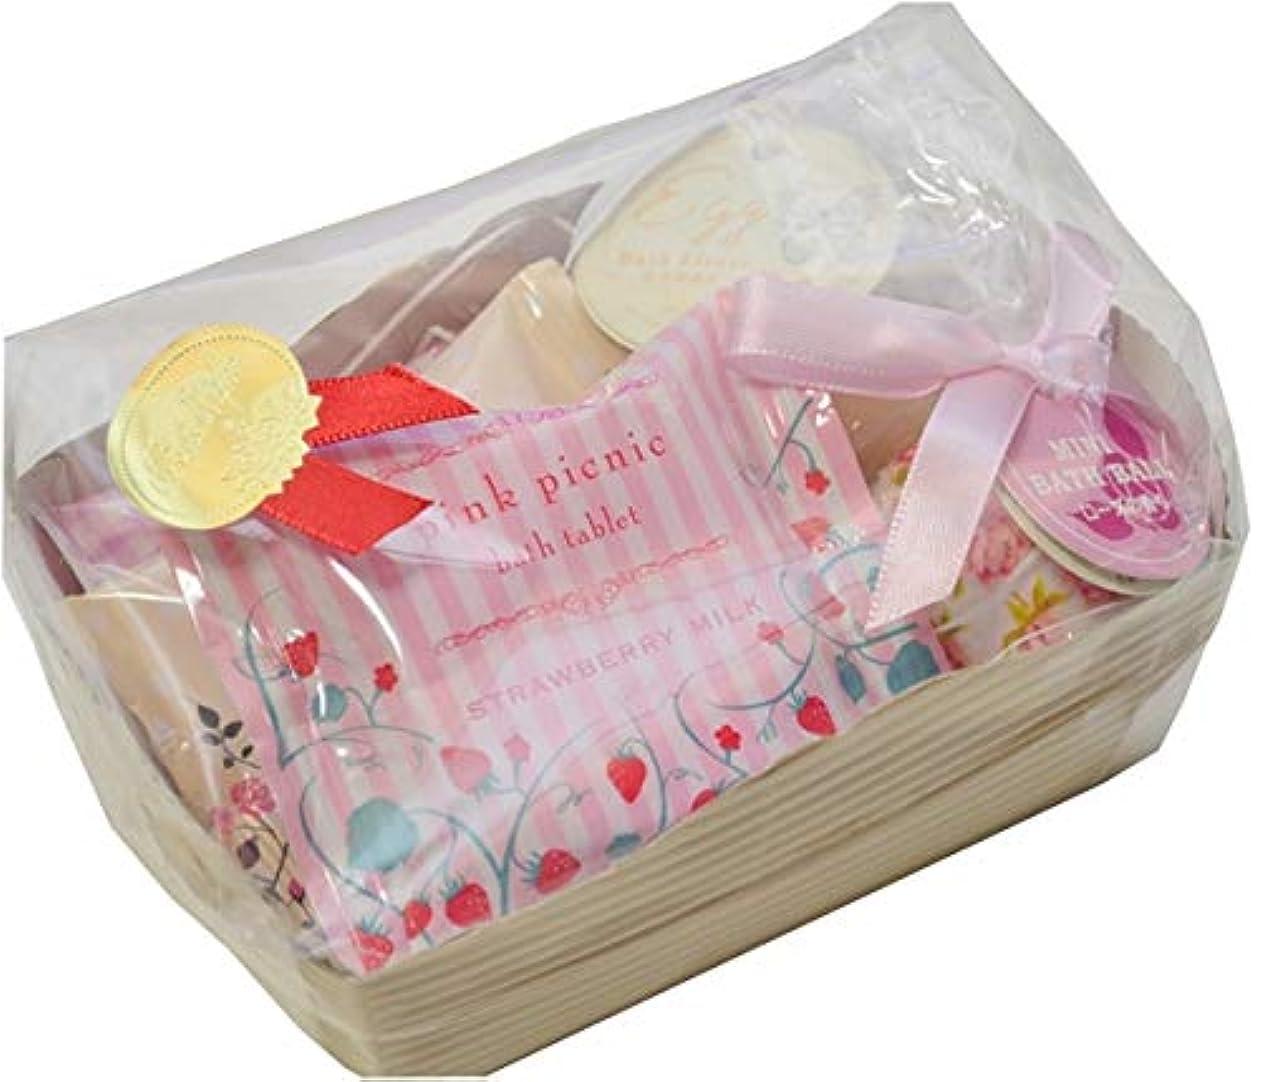 受け入れ品揃えインストール【ラッピング済み】ピンクバスギフトセット 5点セット 入浴剤 ギフト プレゼント